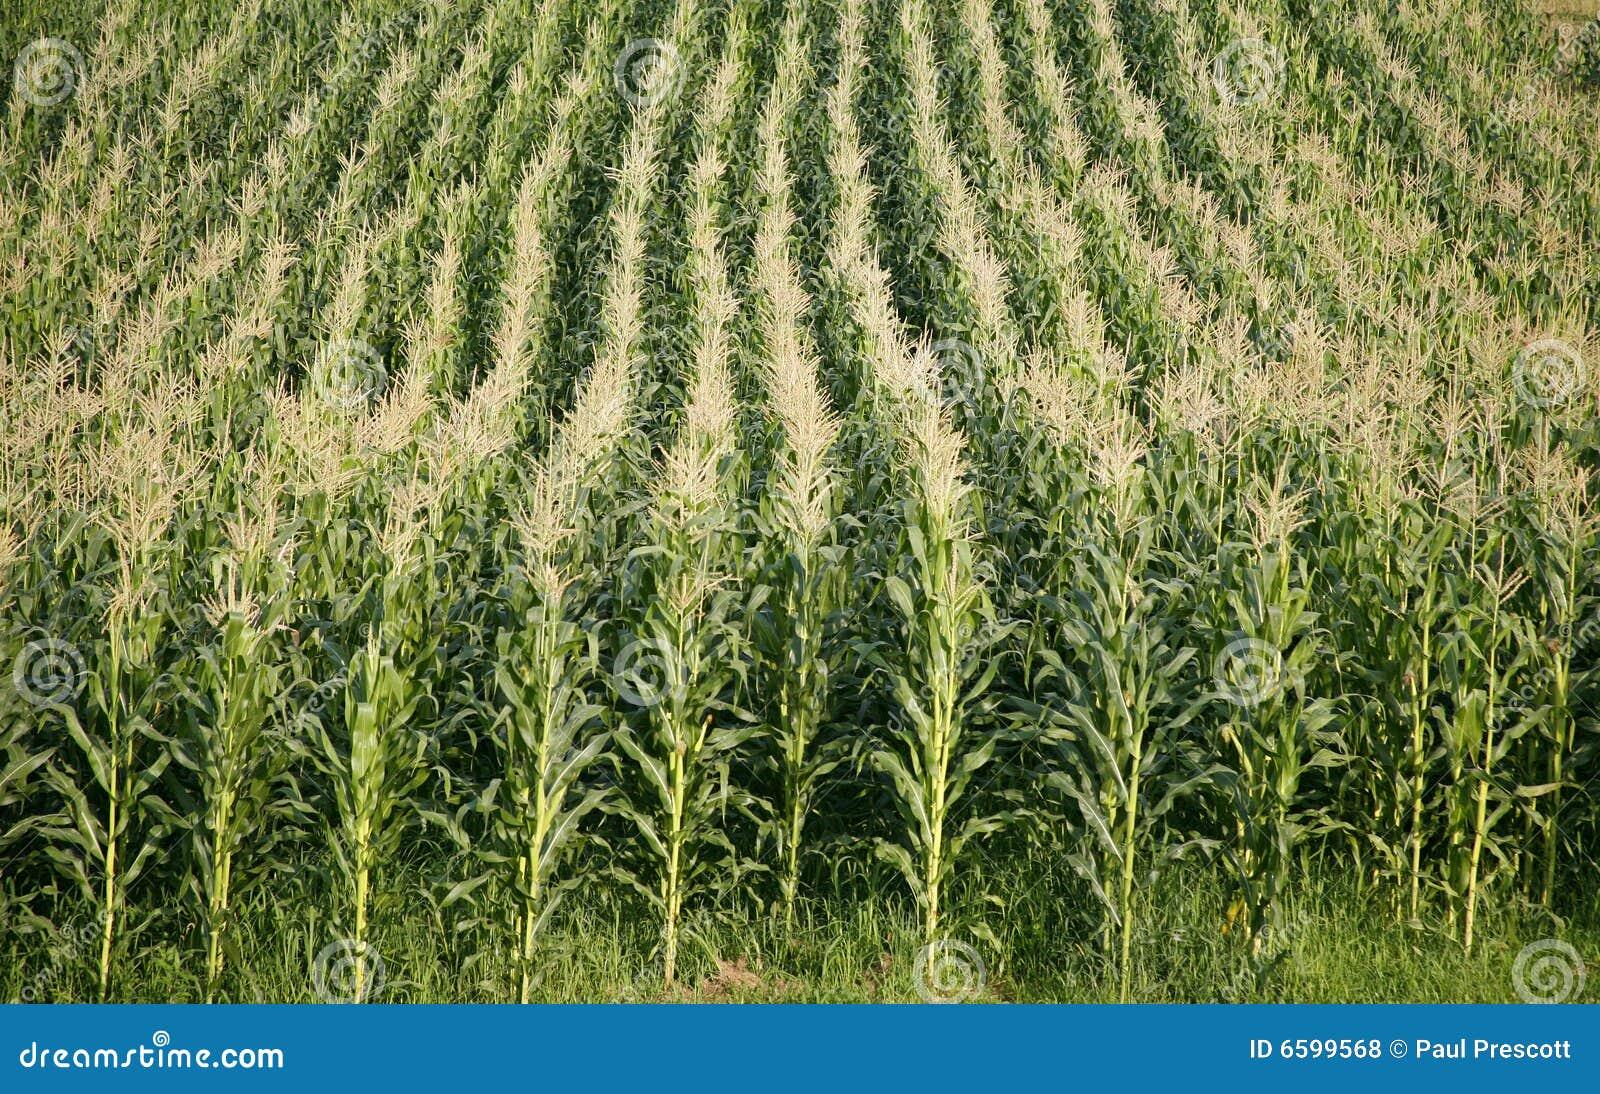 Zeilen von Mais